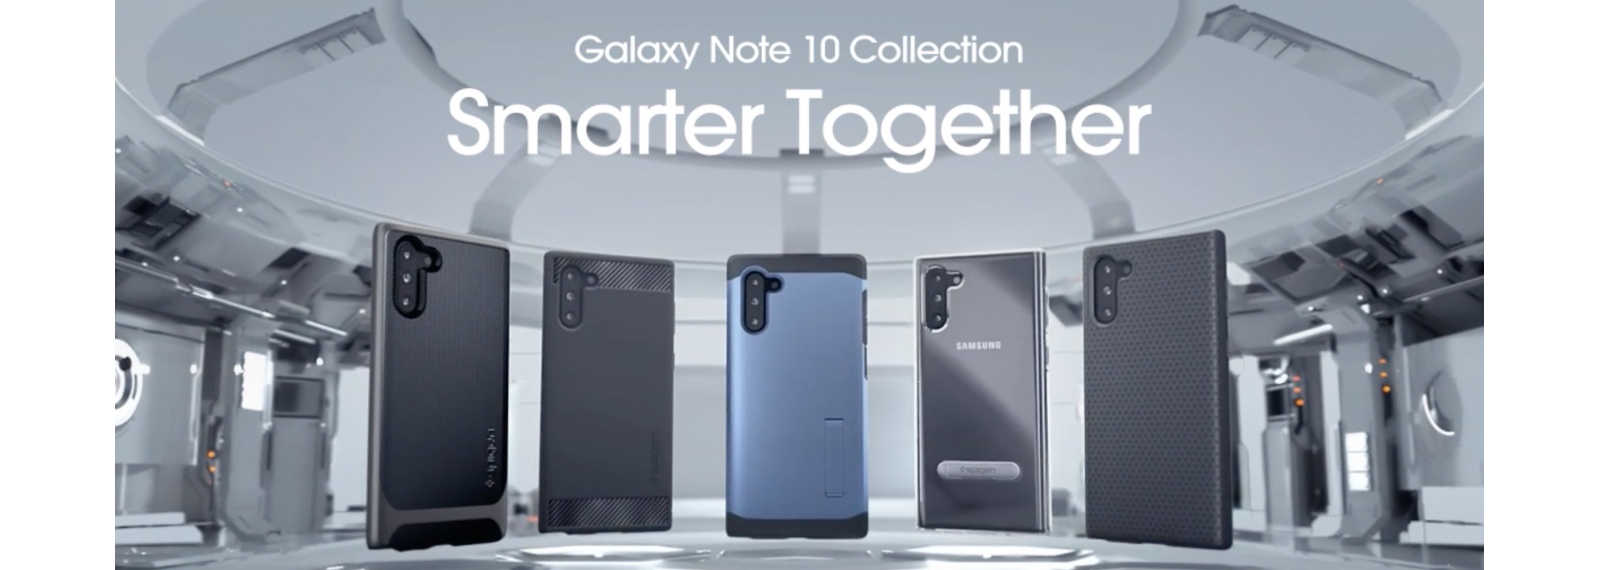 Samsung Galaxy Note 10 / Note 10 Plus Spigen Case